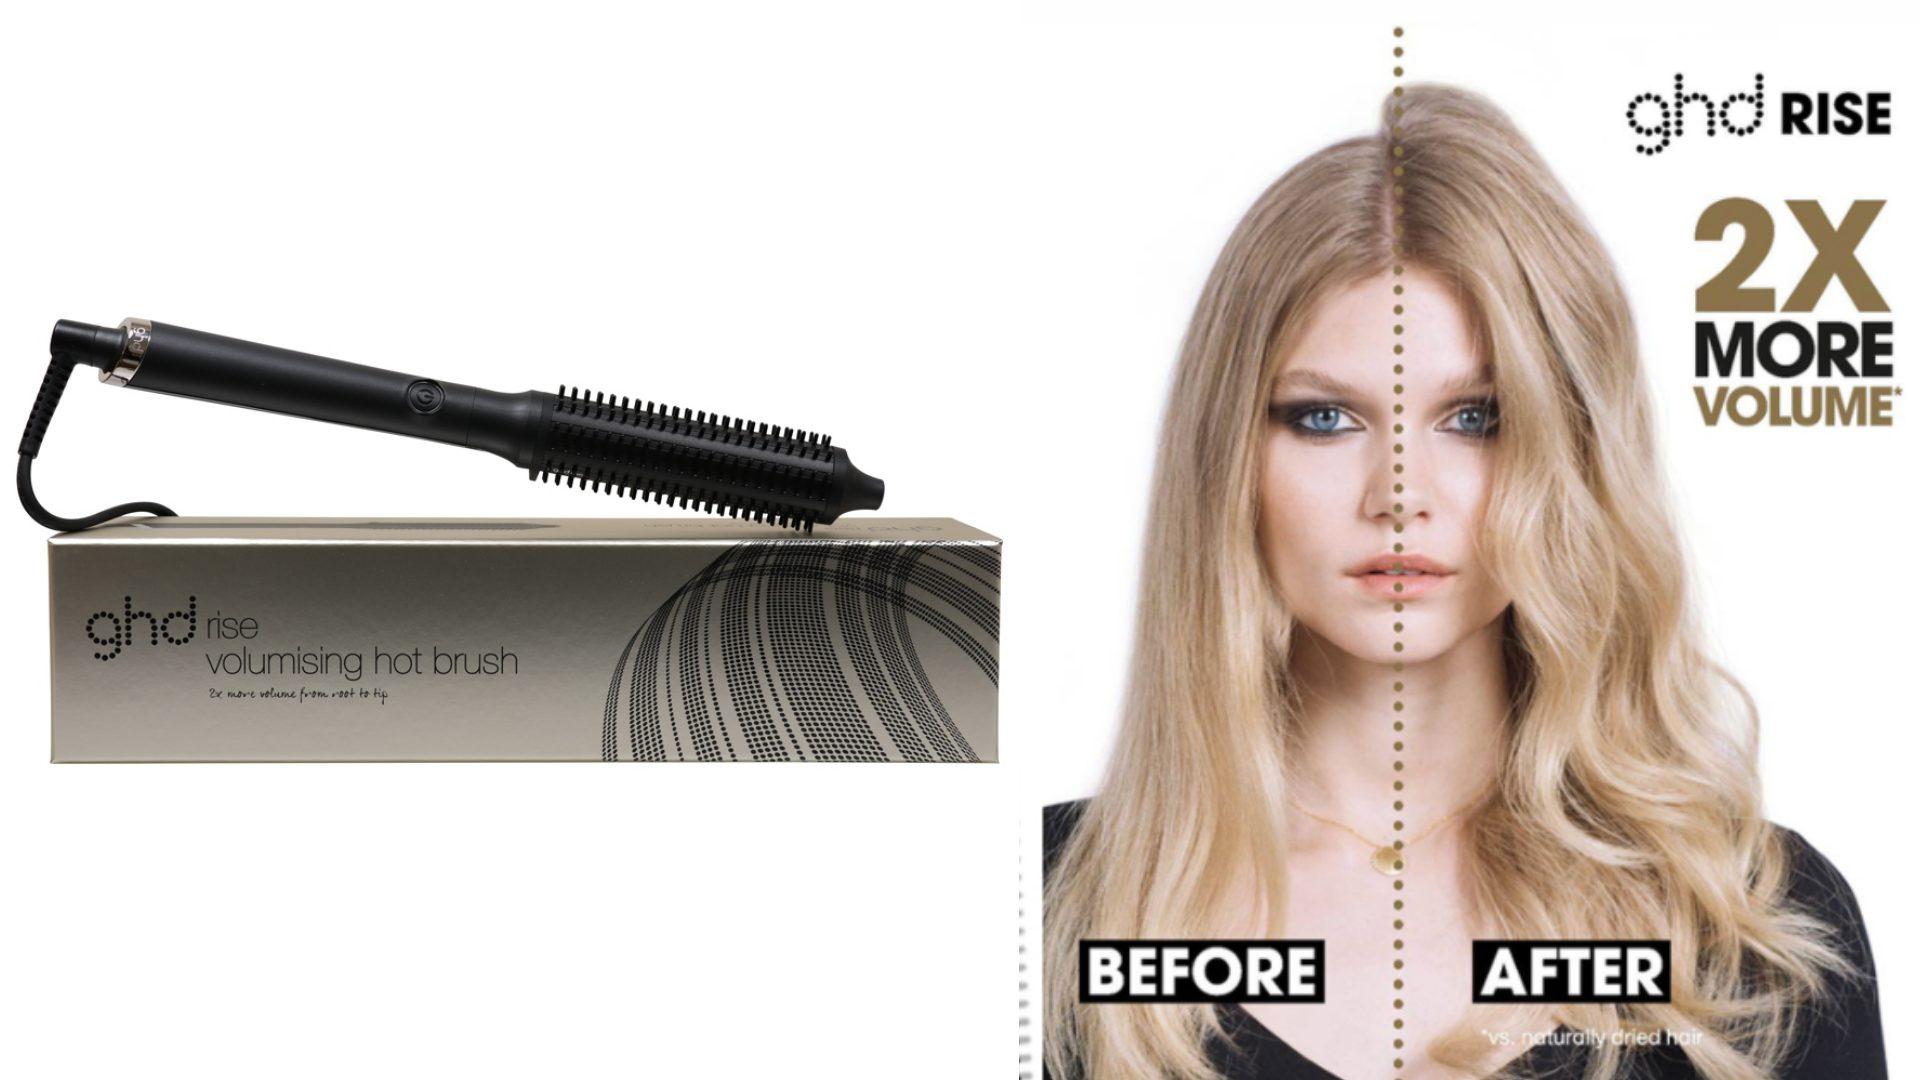 如果你也是手殘黨,這款電子梳真的超適合你!5mm防燙尺梳設計,能夠貼近髮根打造蓬鬆感,也能在髮尾增添豐盈捲度